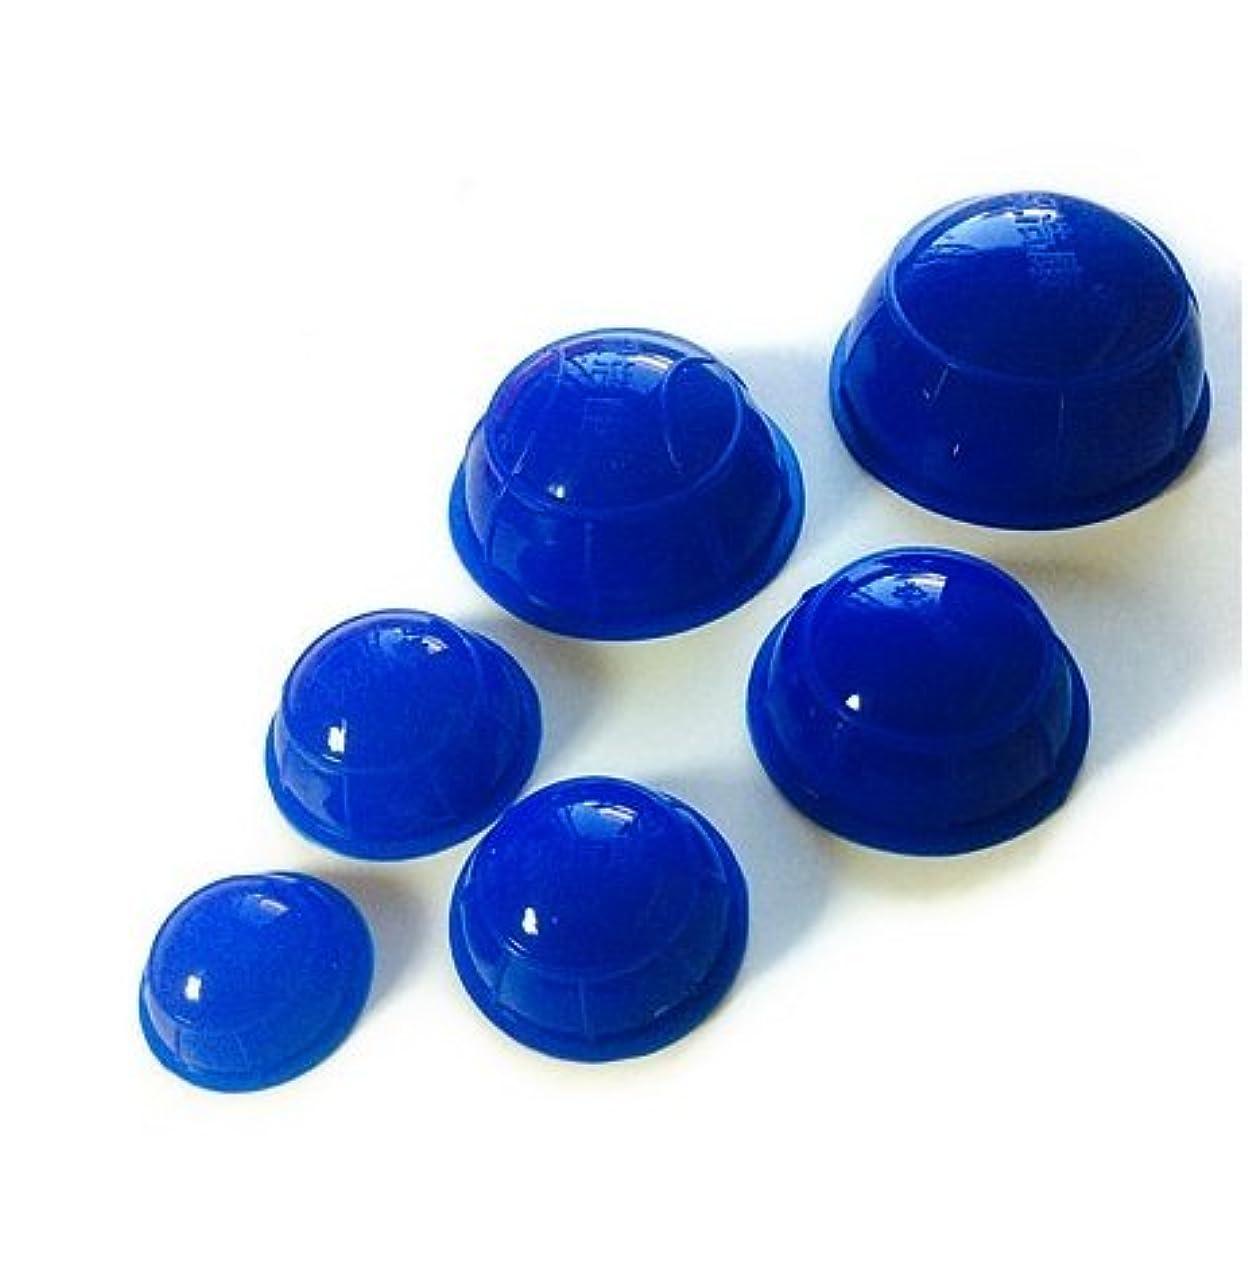 電信数値いたずらな簡易 吸い玉6個セット ブルー 大中小5種類の大きさ